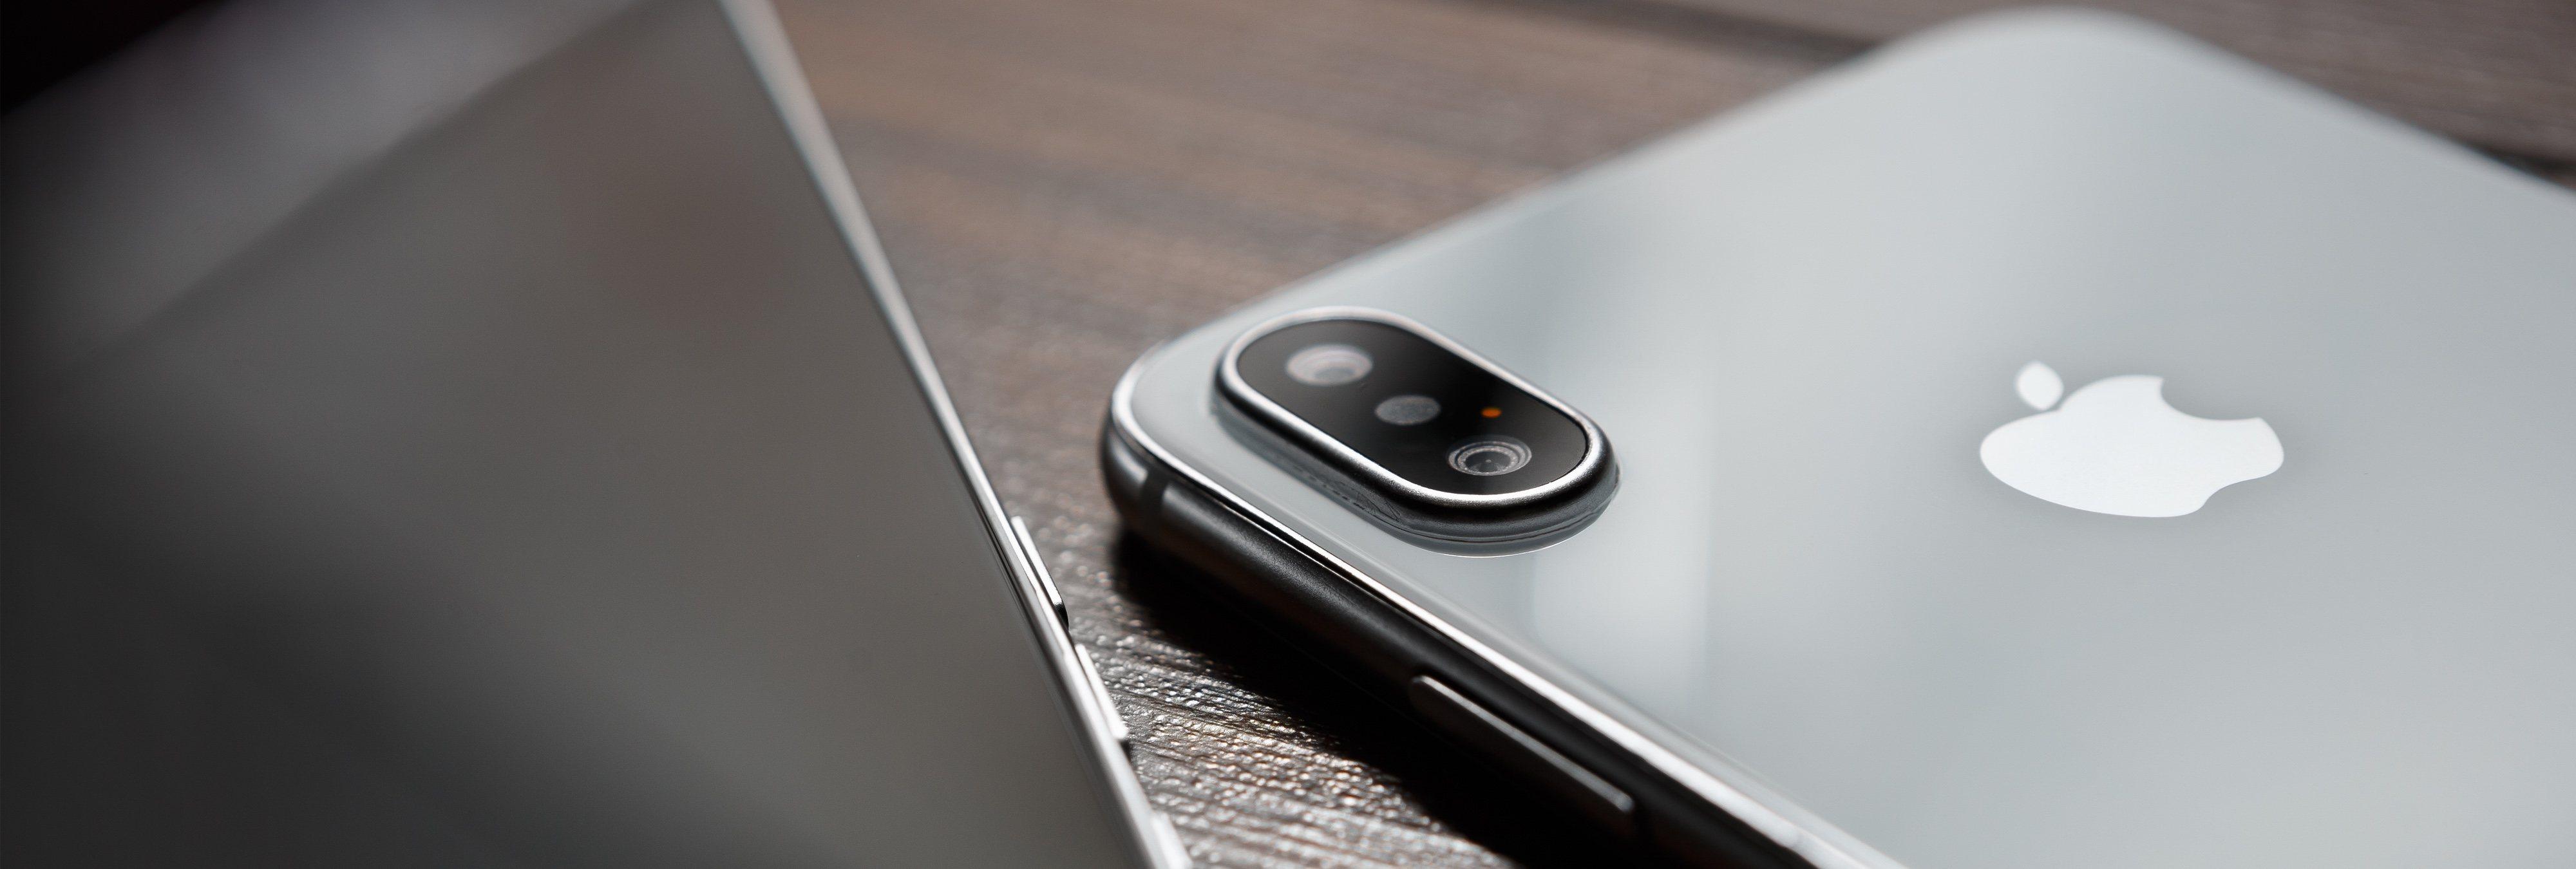 Apple ofrece un millón de dólares a quien consiga hackear un iPhone